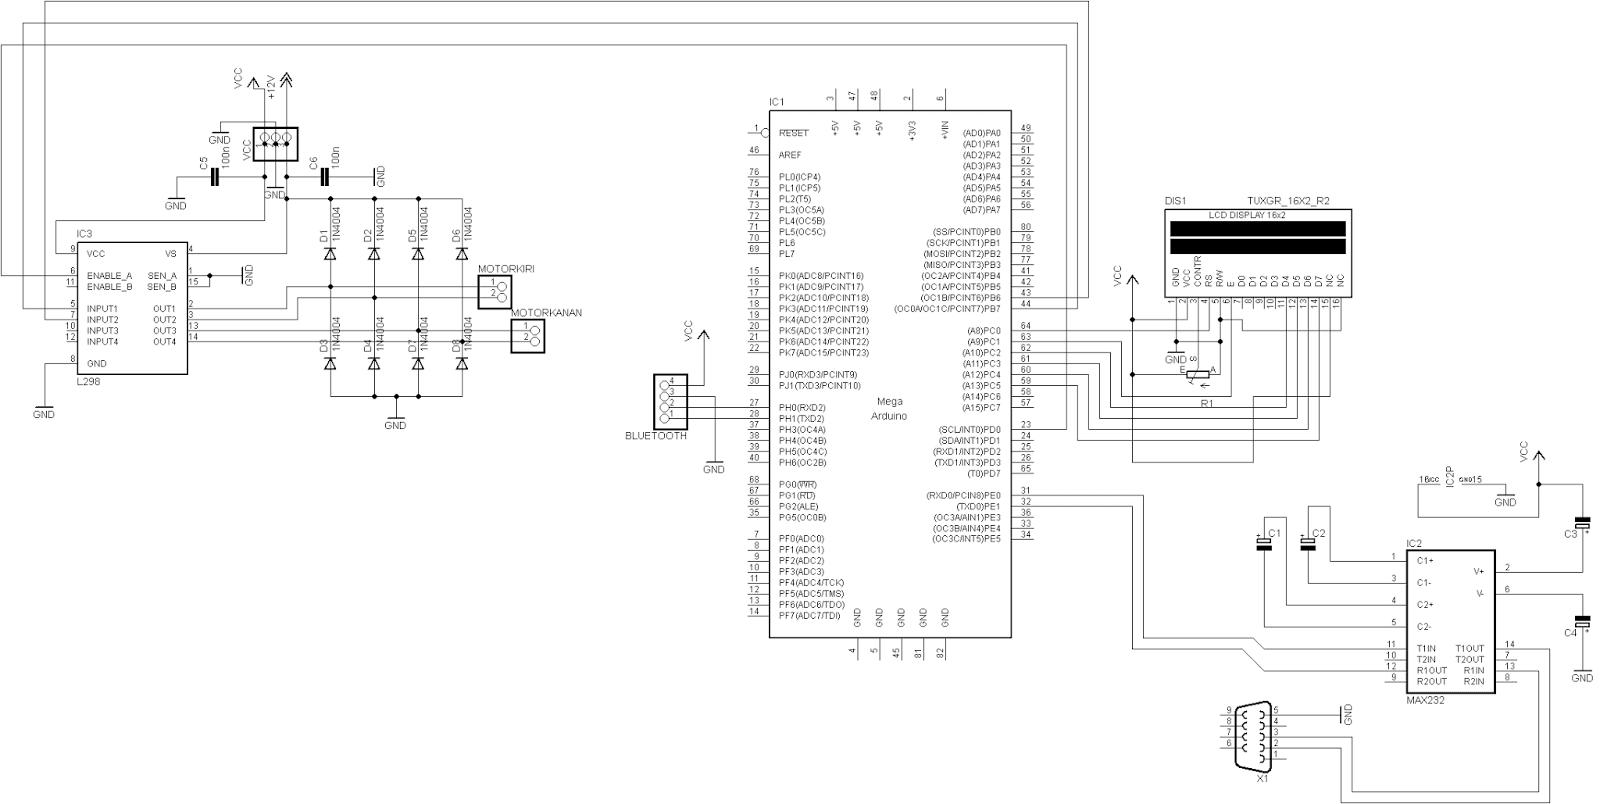 .: Membuat Alat Monitoring / Penghitung Barang Menggunakan